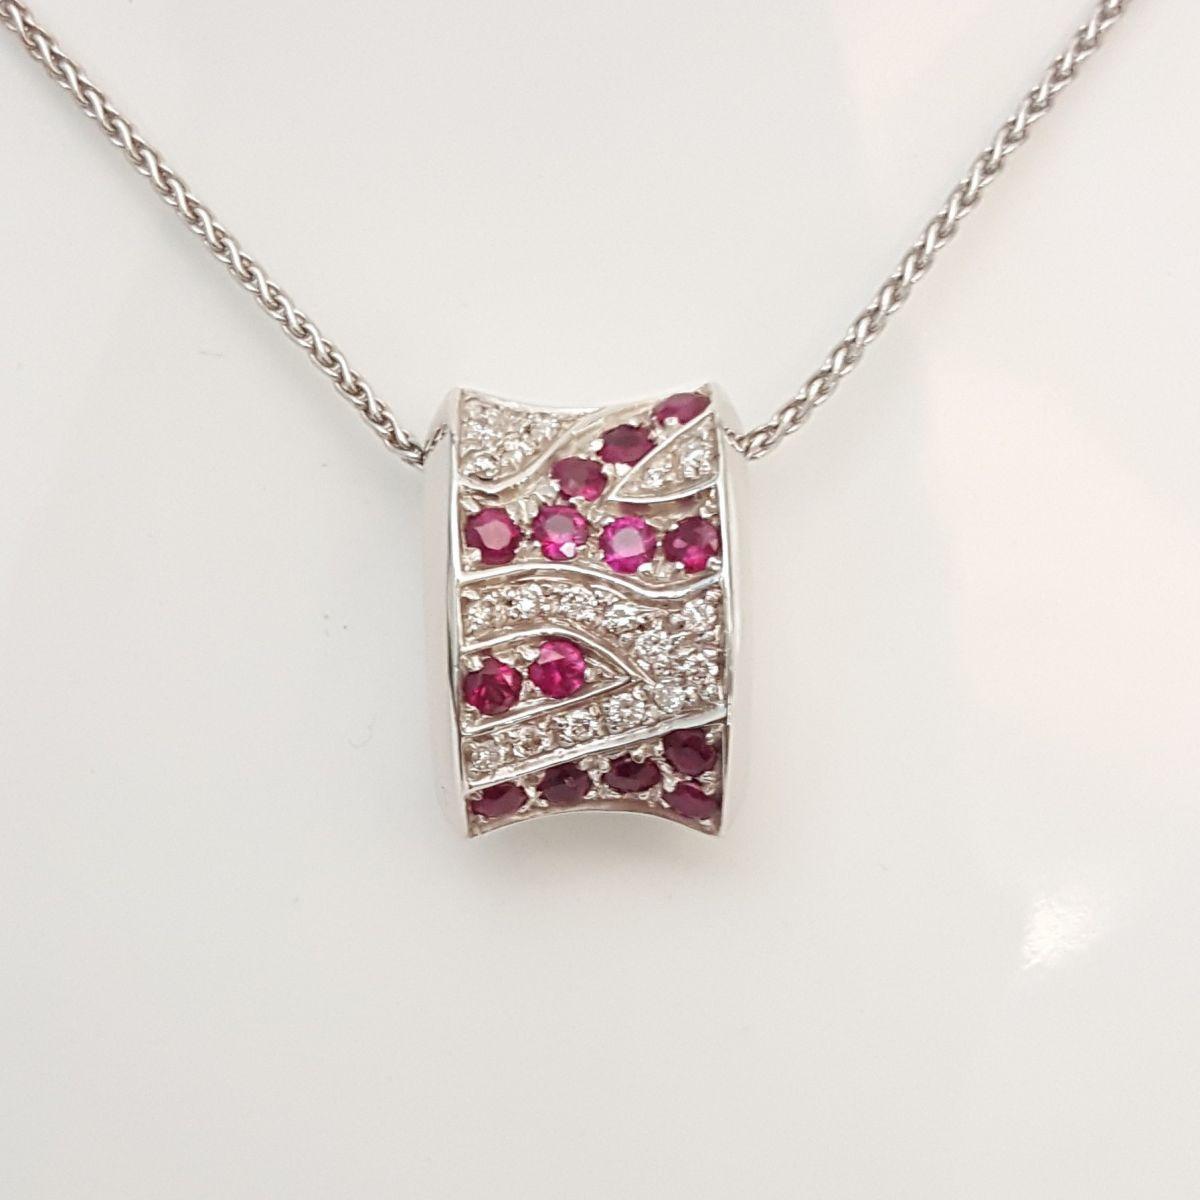 Collana Yukiko KCLD431-R in Oro Bianco con Pendente con Diamanti e Rubini